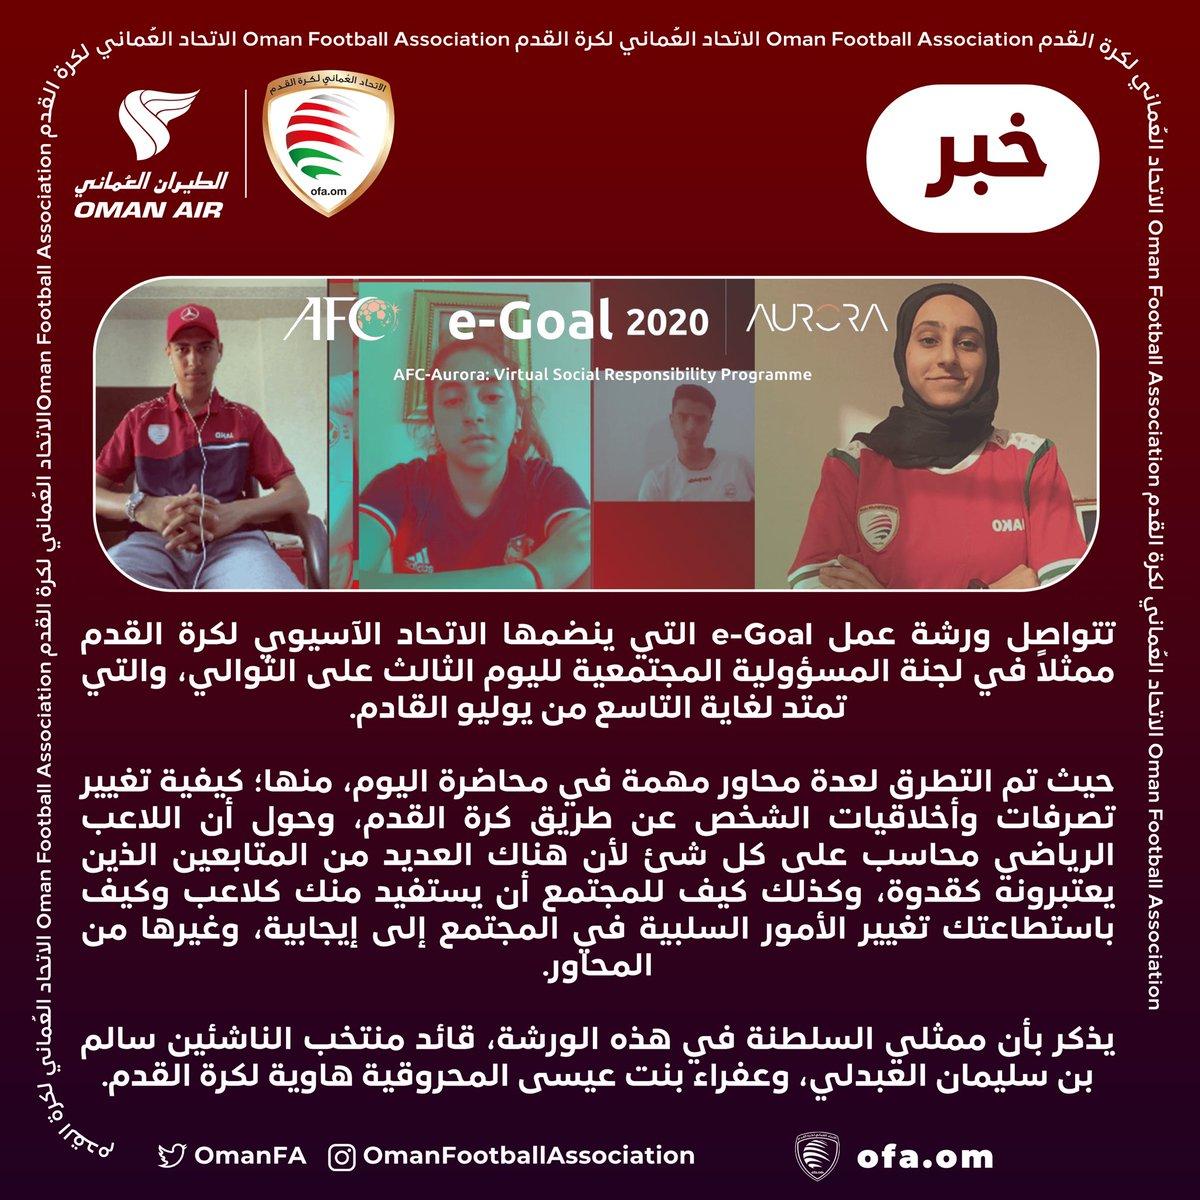 - لليوم الثالث على التوالي.. تتواصل ورشة عمل e-Goal التي ينضمها الاتحاد الآسيوي لكرة القدم.